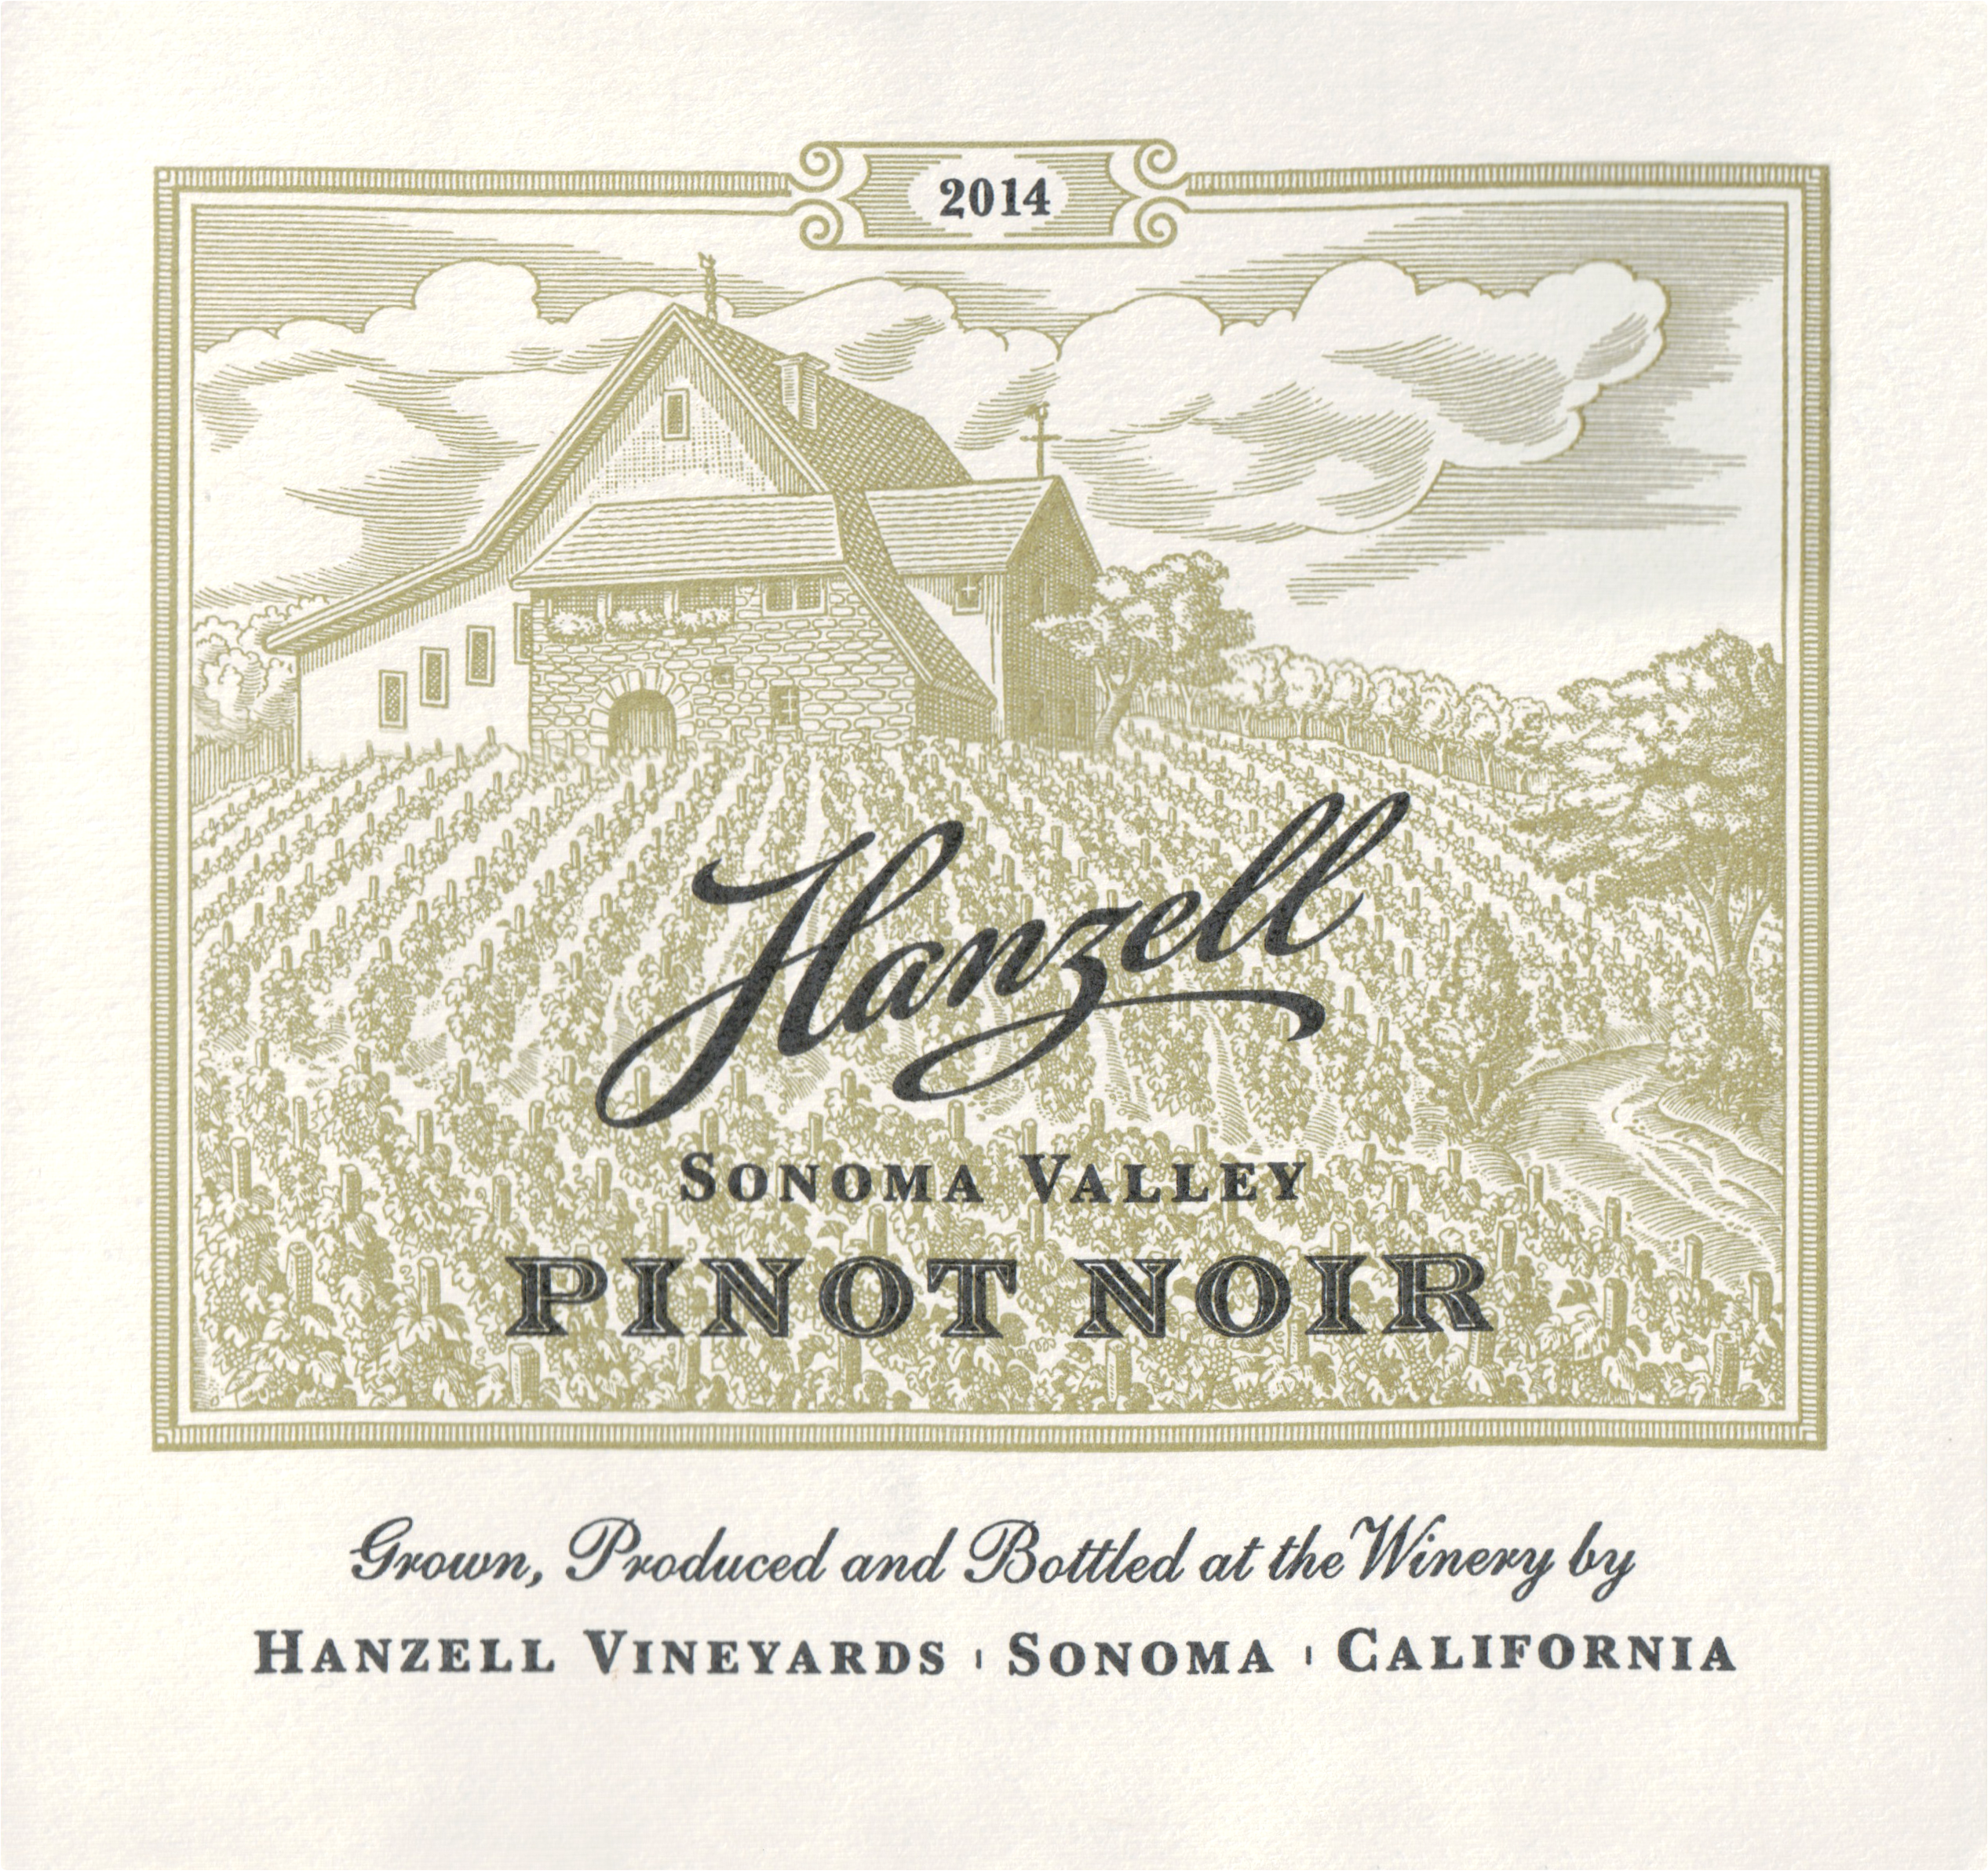 Hanzell Estate Pinot Noir 2014